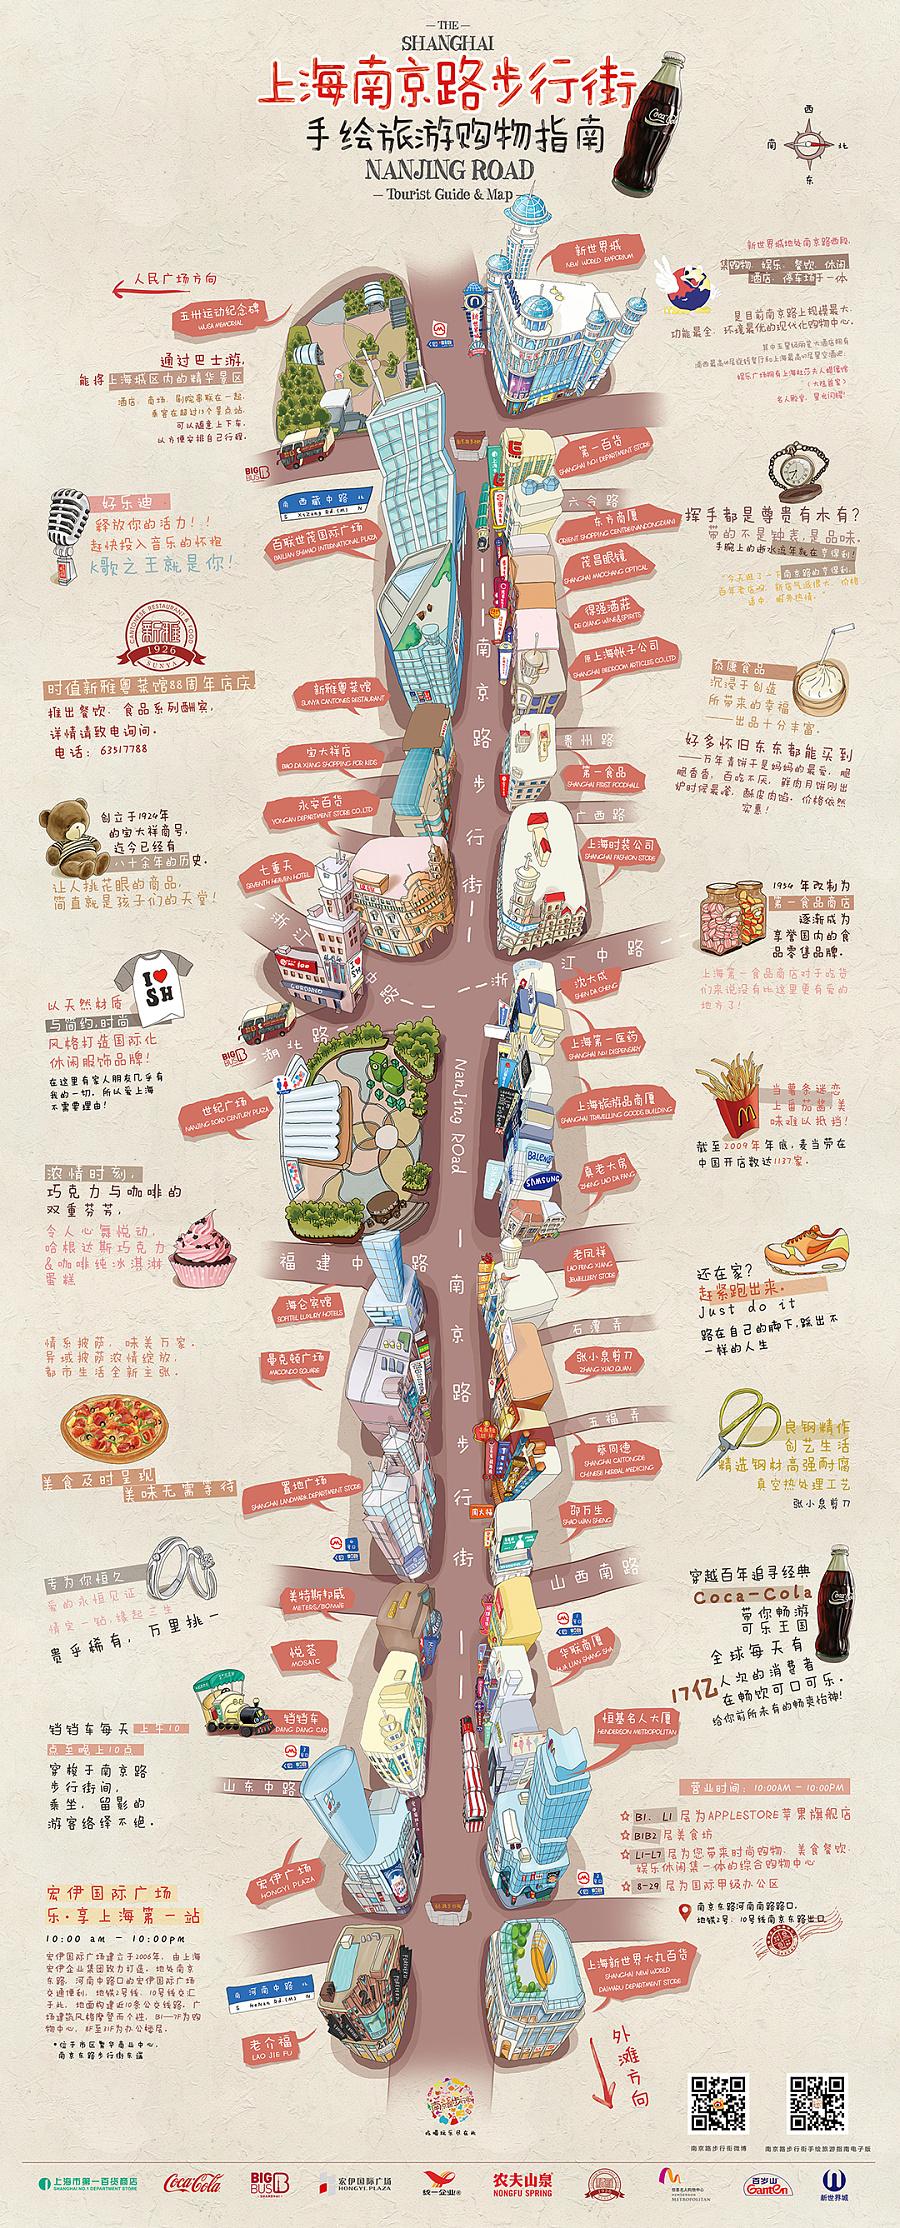 上海南京路步行街手绘地图|商业插画|插画|钟彦